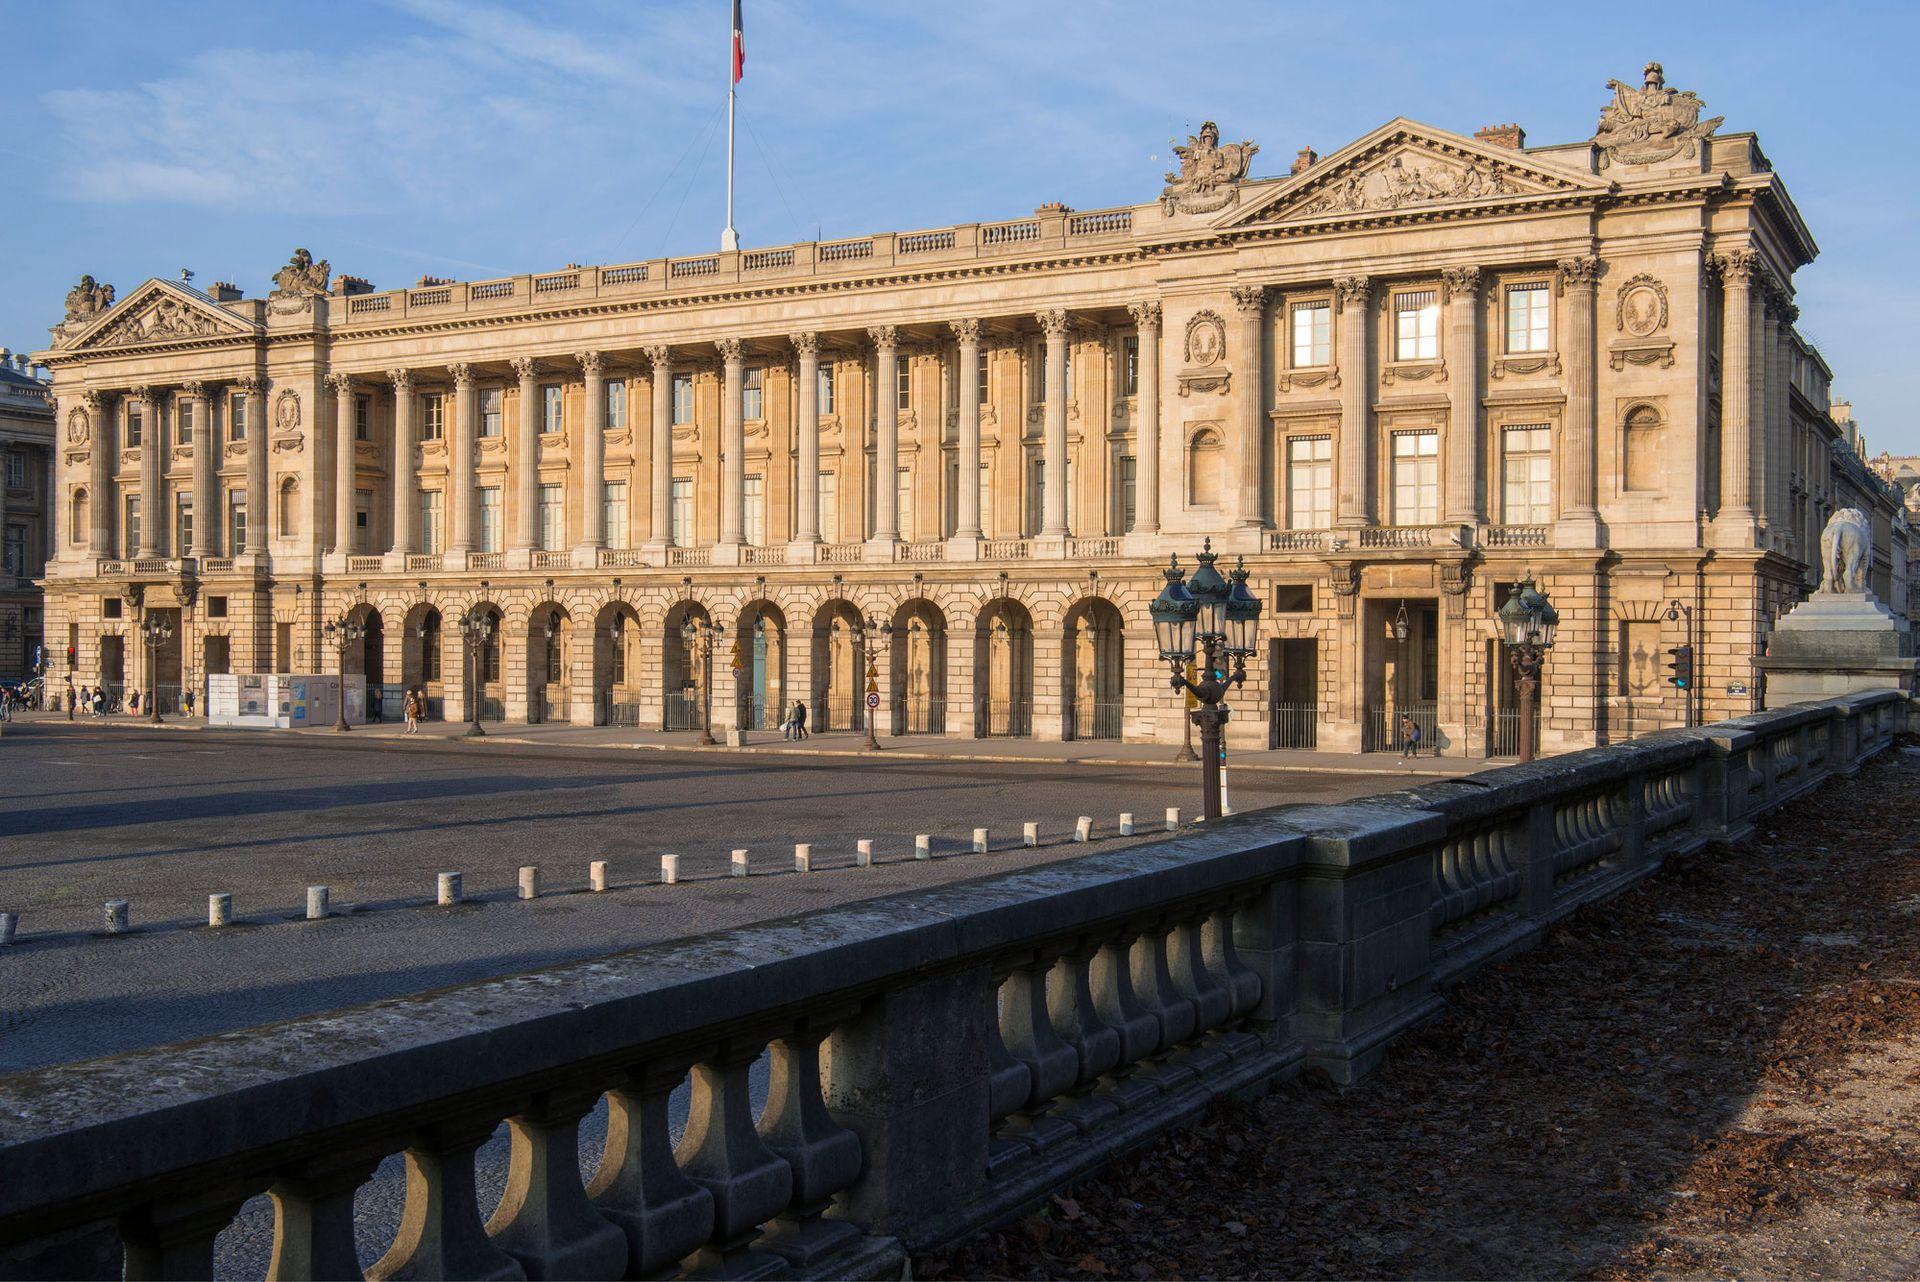 The 18th-century Hôtel de la Marine on the Place de la Concorde in Paris, which has reopened after a four-year restoration © Jean-Pierre Delagarde / Centre des monuments nationaux